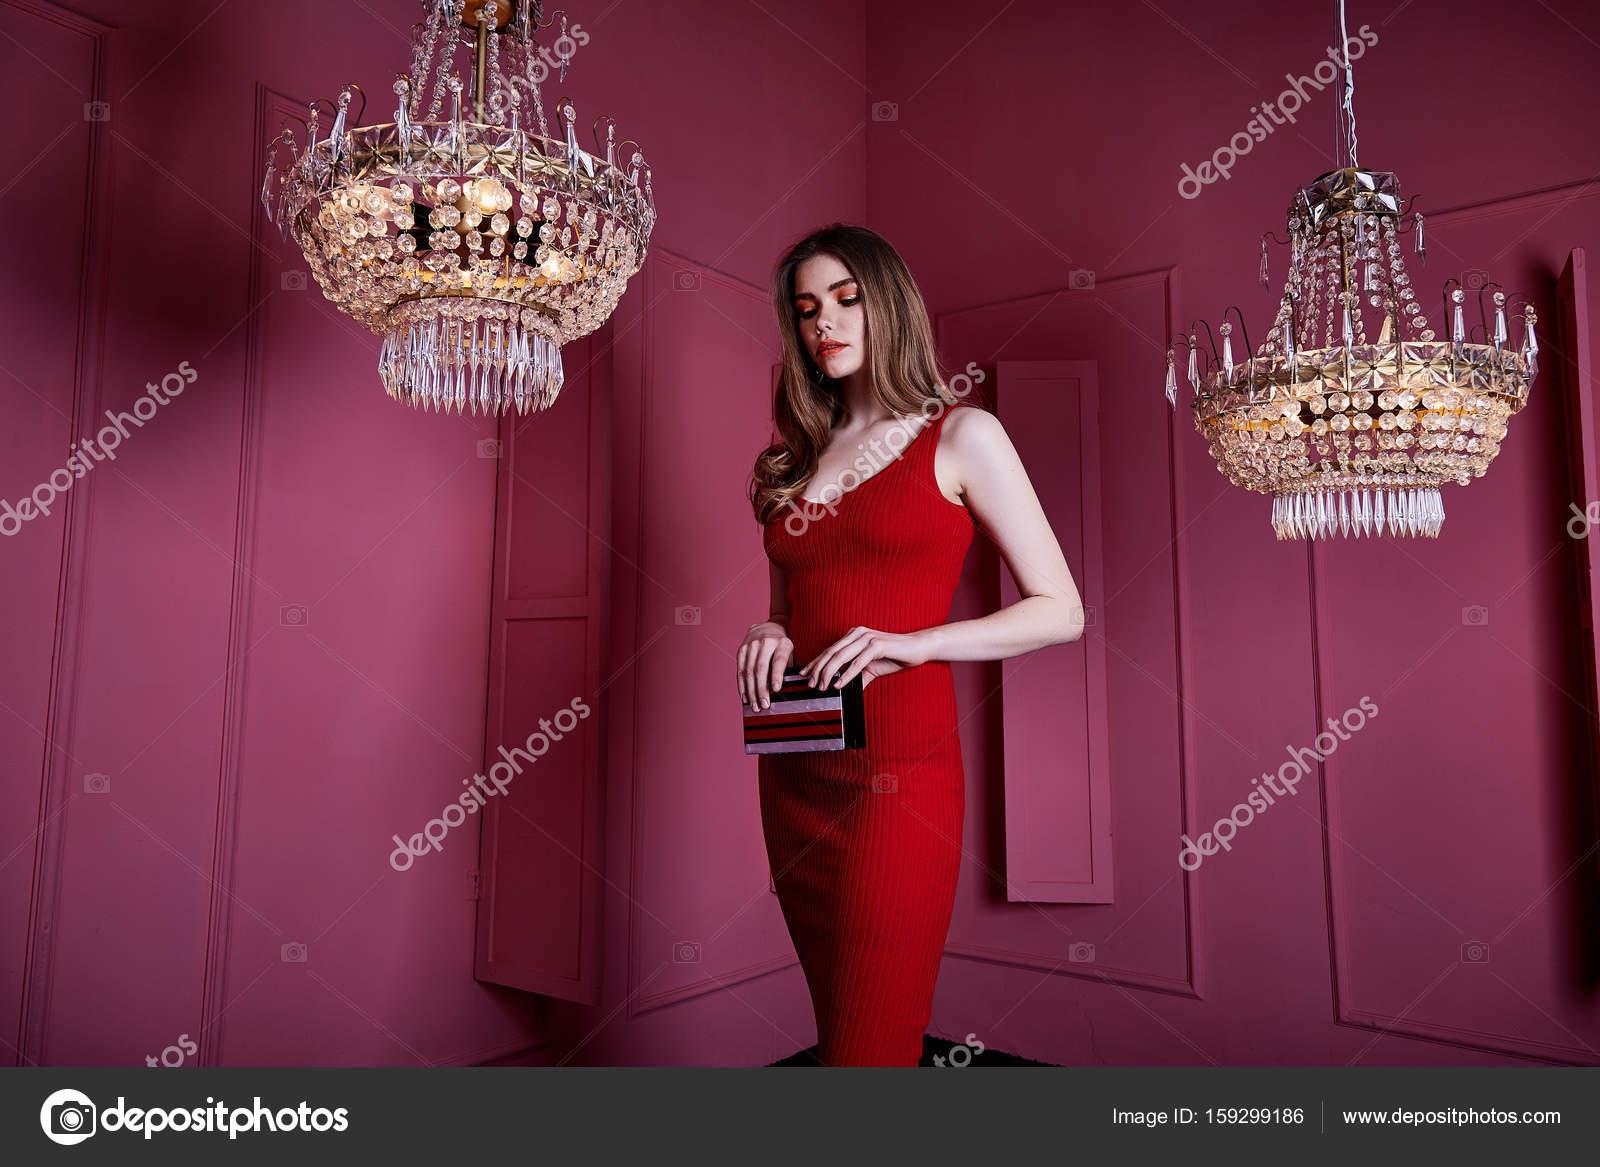 Sexy krása žena nosit skinny res šaty styl oblečení na párty celebrit  dlouhé blond vlasy tvoří módní model pozice příslušenství rukou vak design  interiéru ... b5be2dd4733